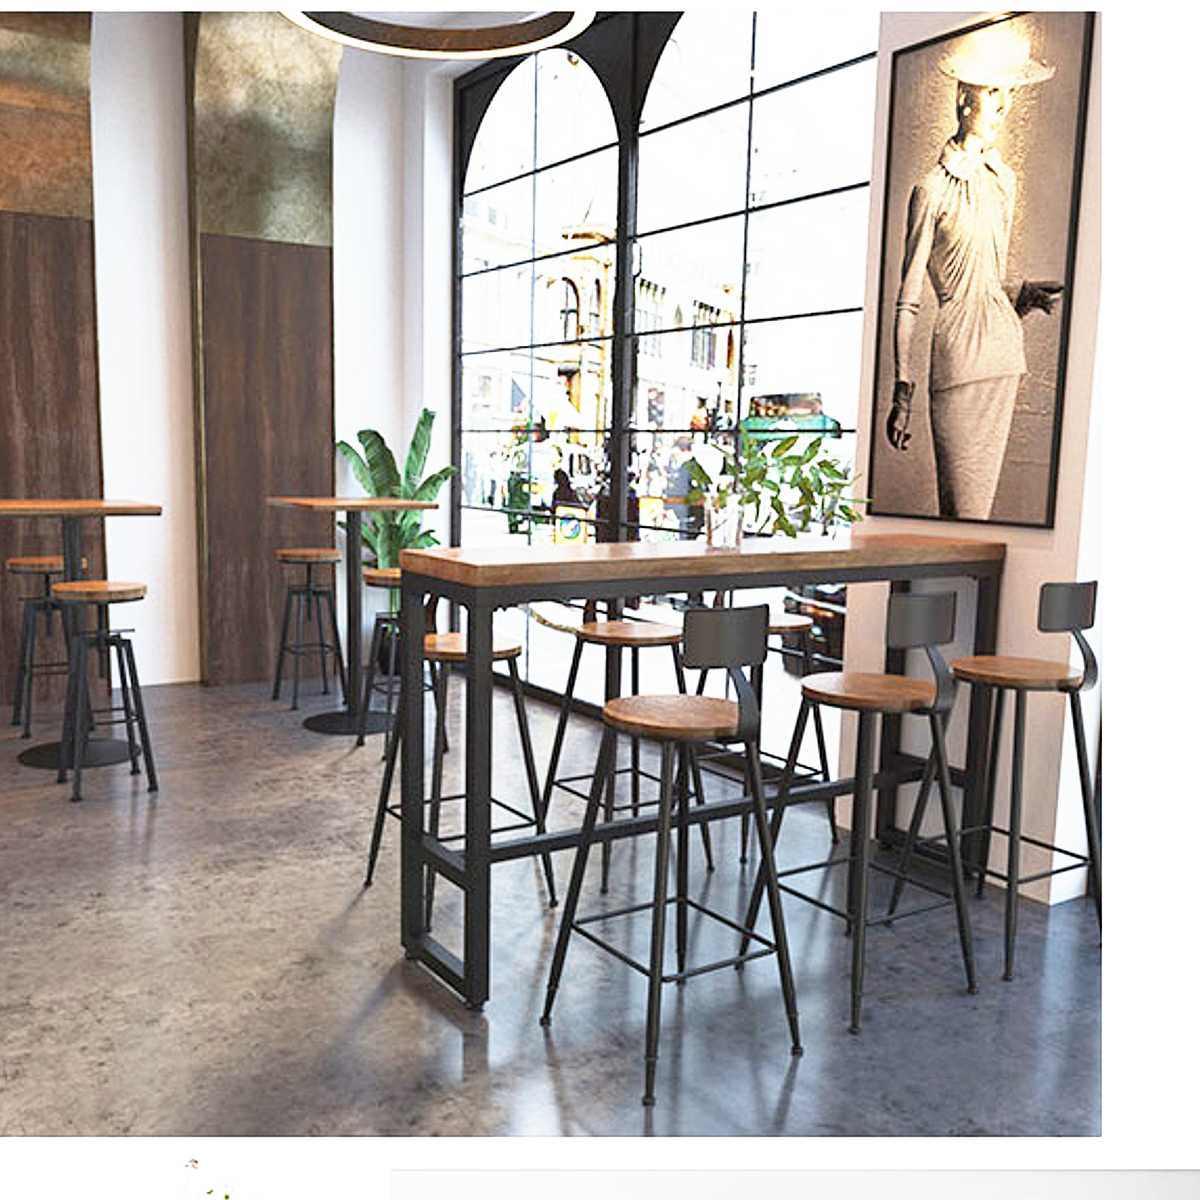 Современный барный стул промышленный Вертлюг Кухня стул домашний декор для стола деревянный верх из металла со спинкой барные стулья